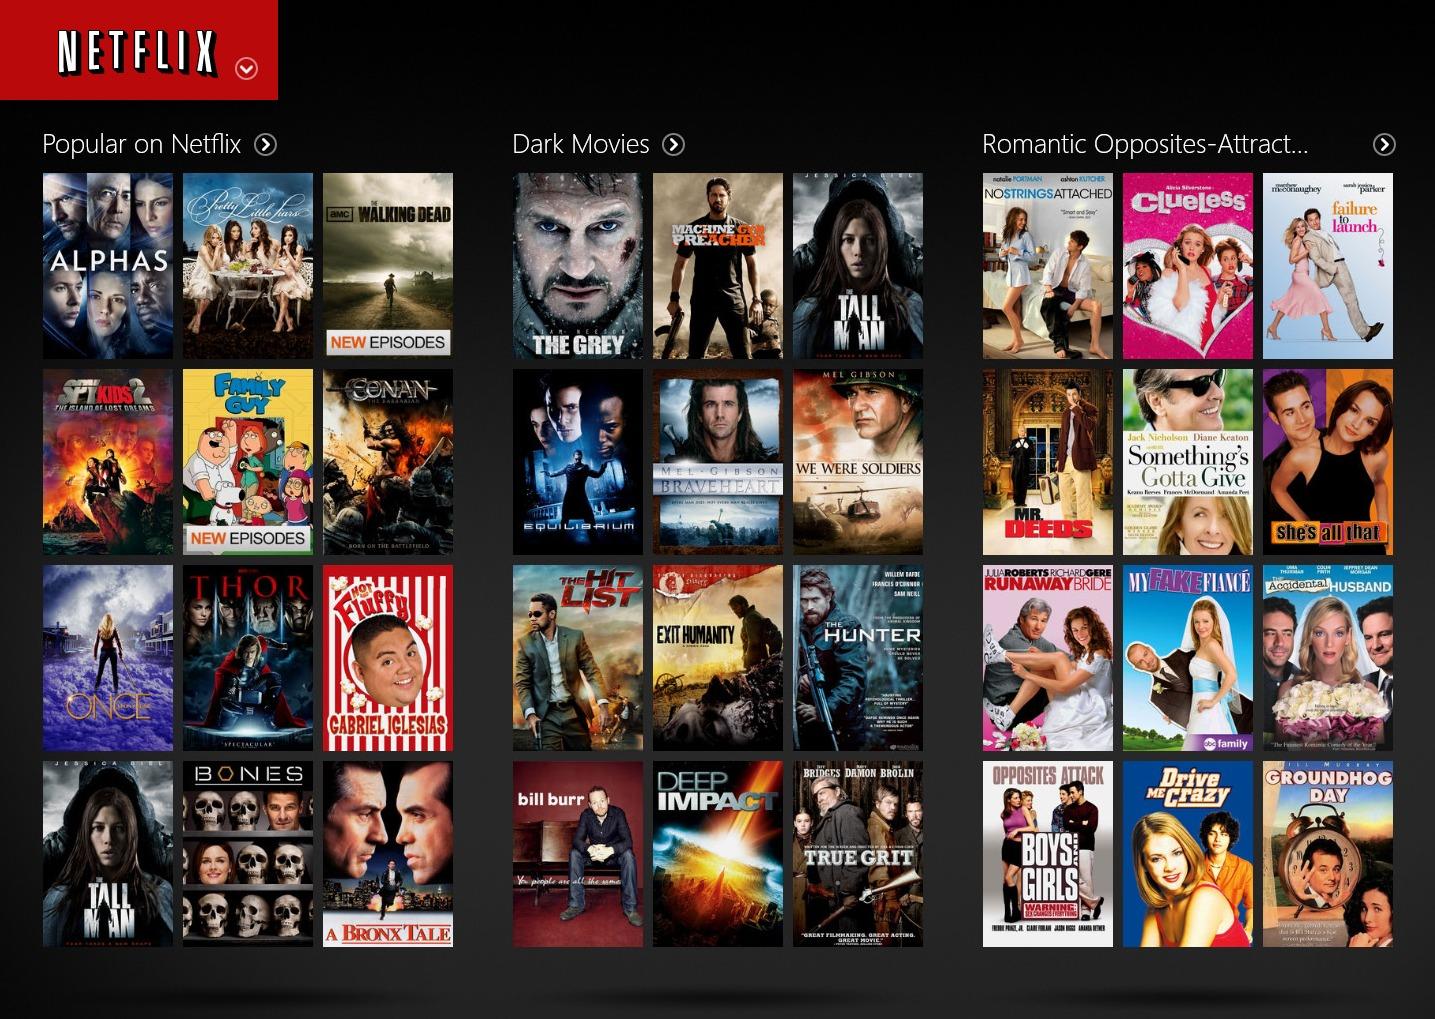 в 2018 году Netflix потратит на производство фильмов и